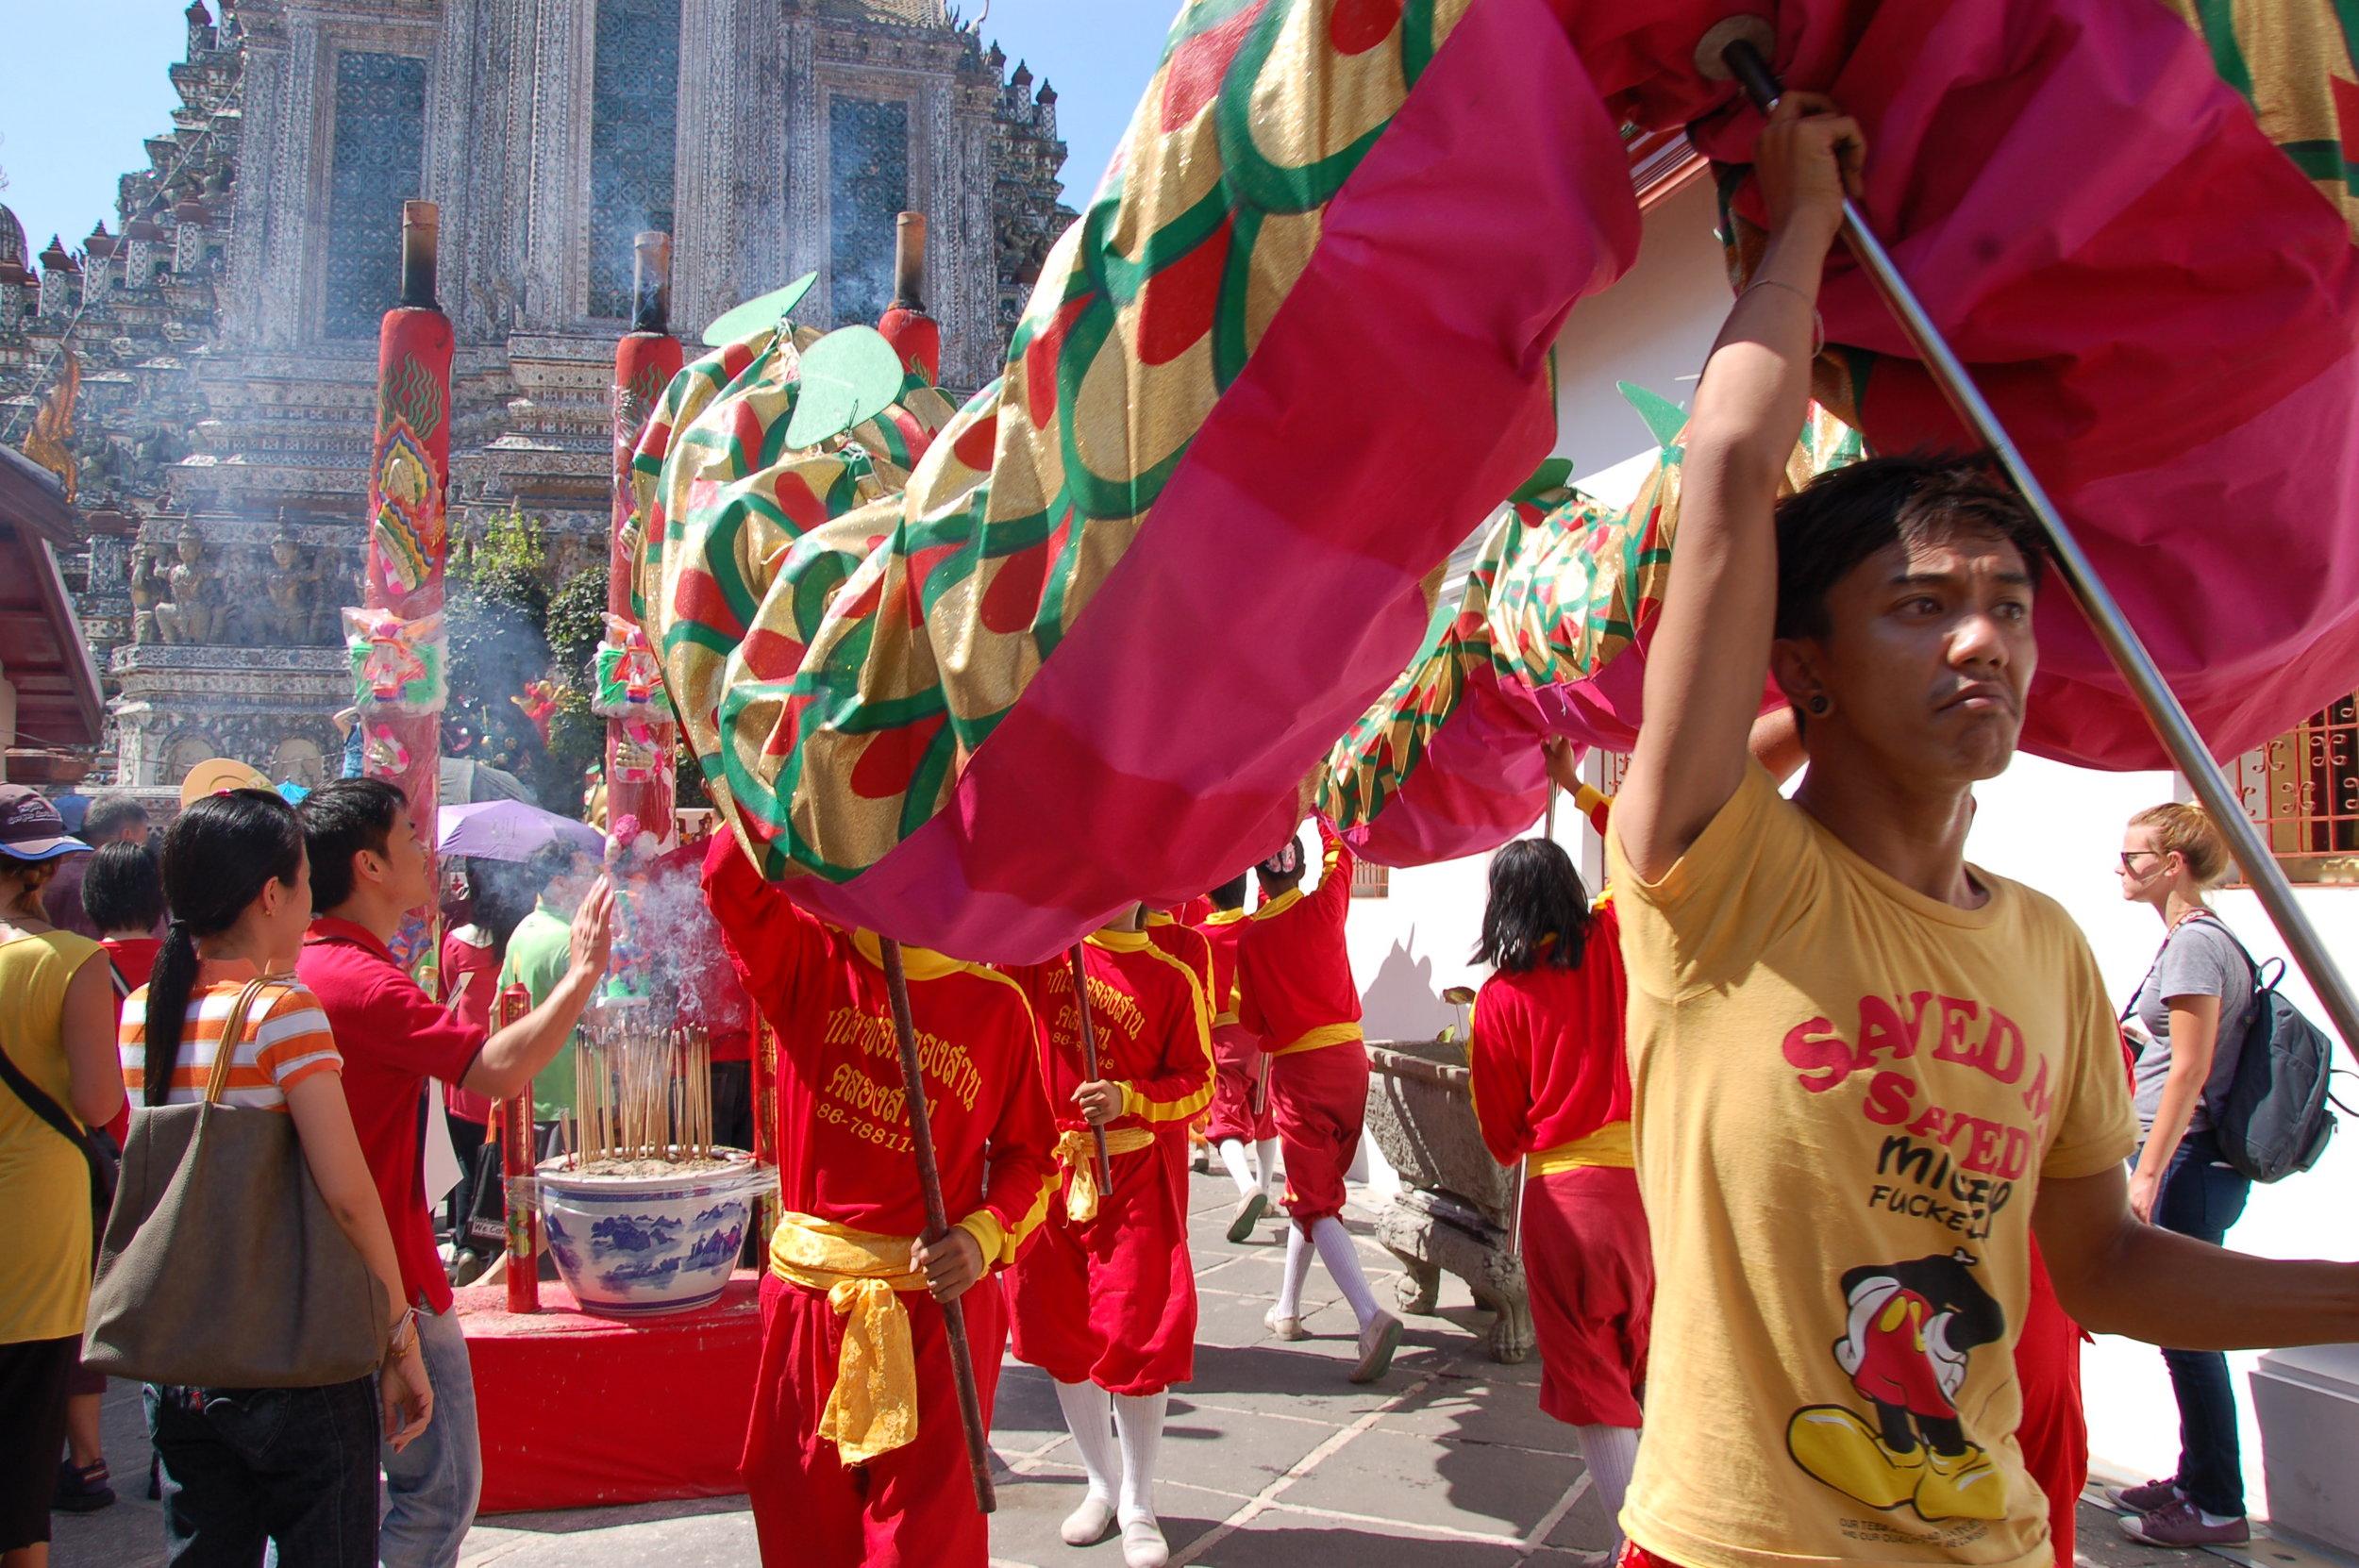 Chinese New Year celebration at Wat Pho in Bangkok